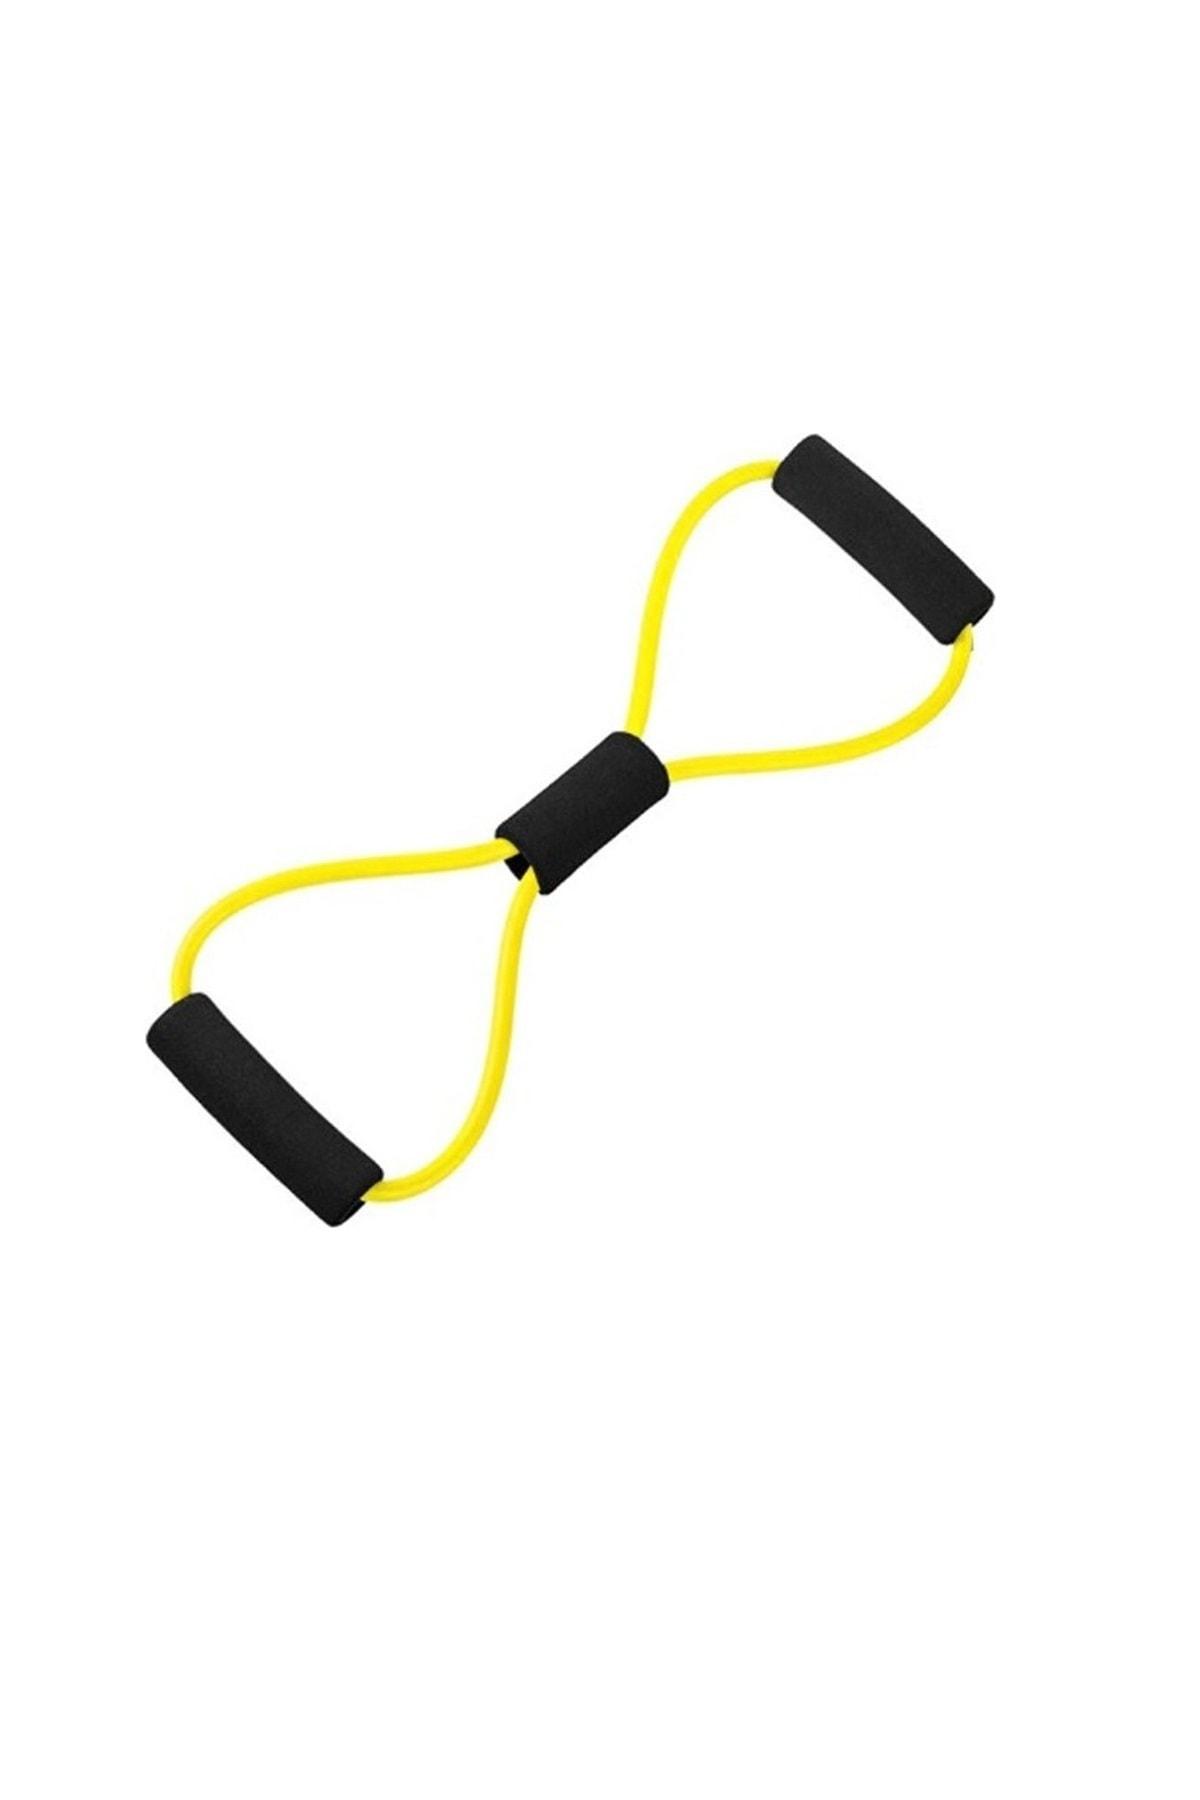 AVESSA Ayak Göğüs Lastiği Pilates Yoga Egzersiz Direnç Jimnastik Lastiği 1